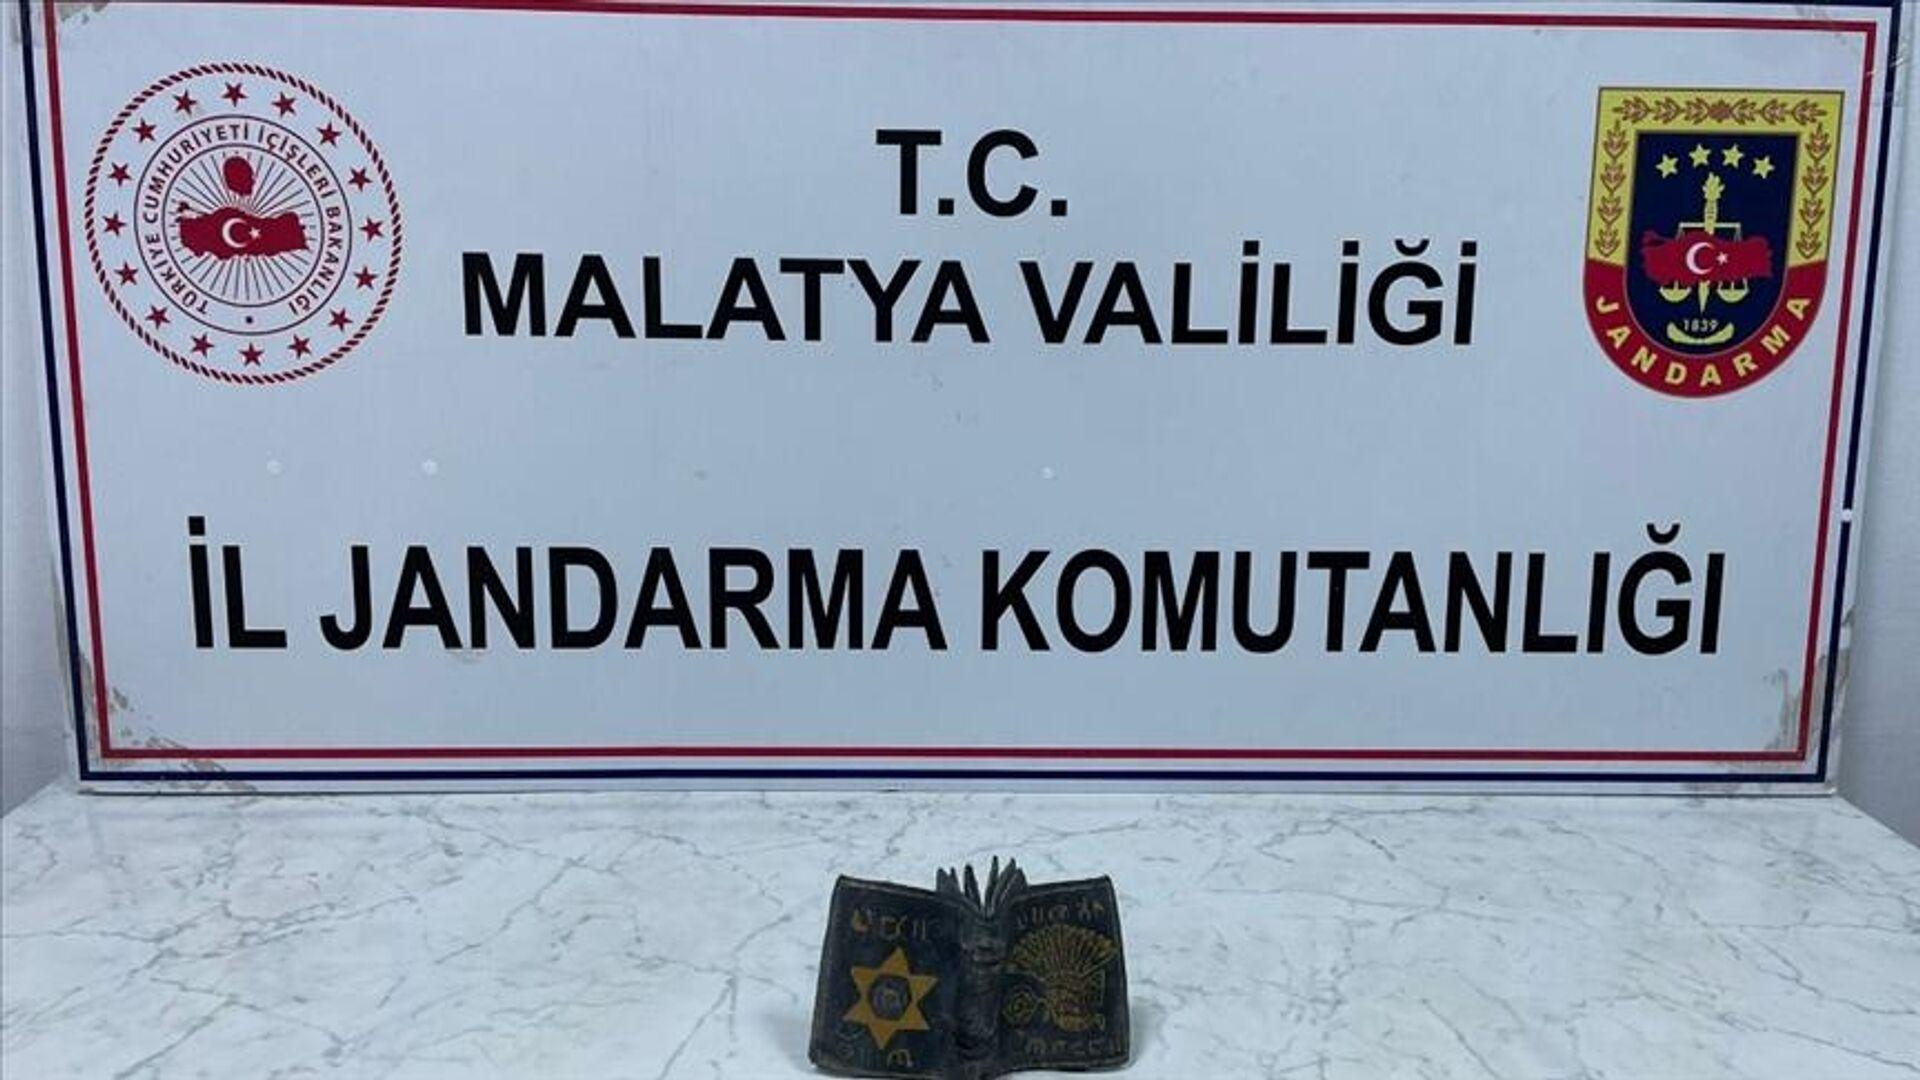 Malatya'da Roma dönemine ait altın yaldızlı kitap - Sputnik Türkiye, 1920, 03.09.2021